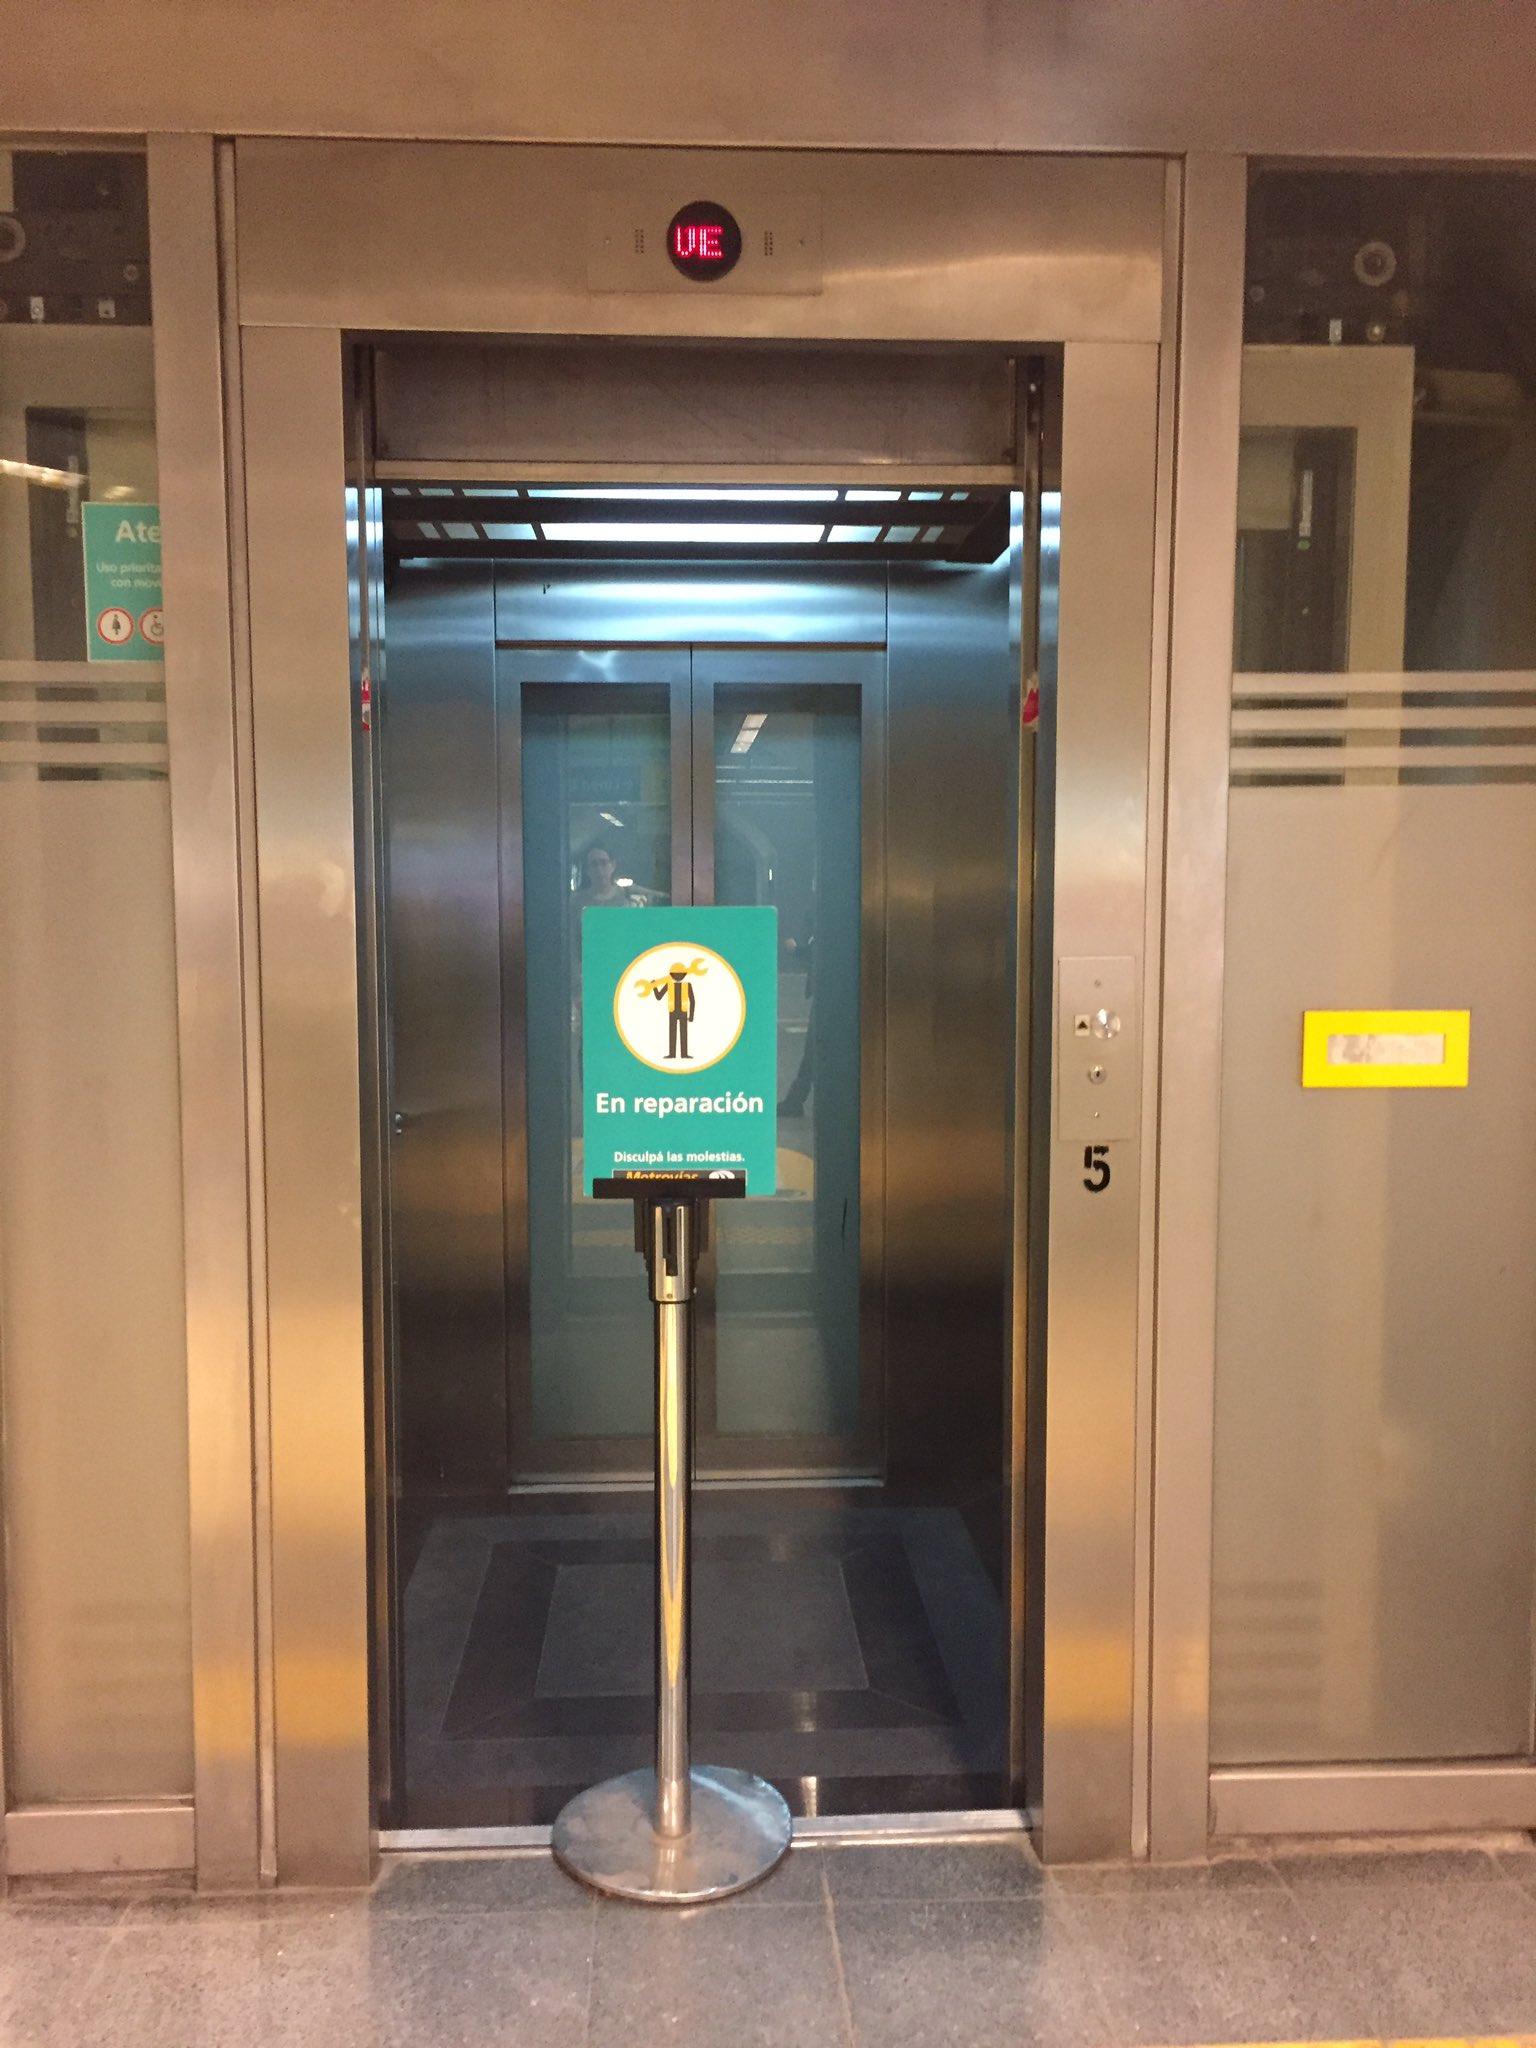 Estación Las Heras de la #lineaH. La última estación inaugurada, ya tiene el ascensor en reparación #agradeselfie?? #subte https://t.co/CiisaLs8Vh